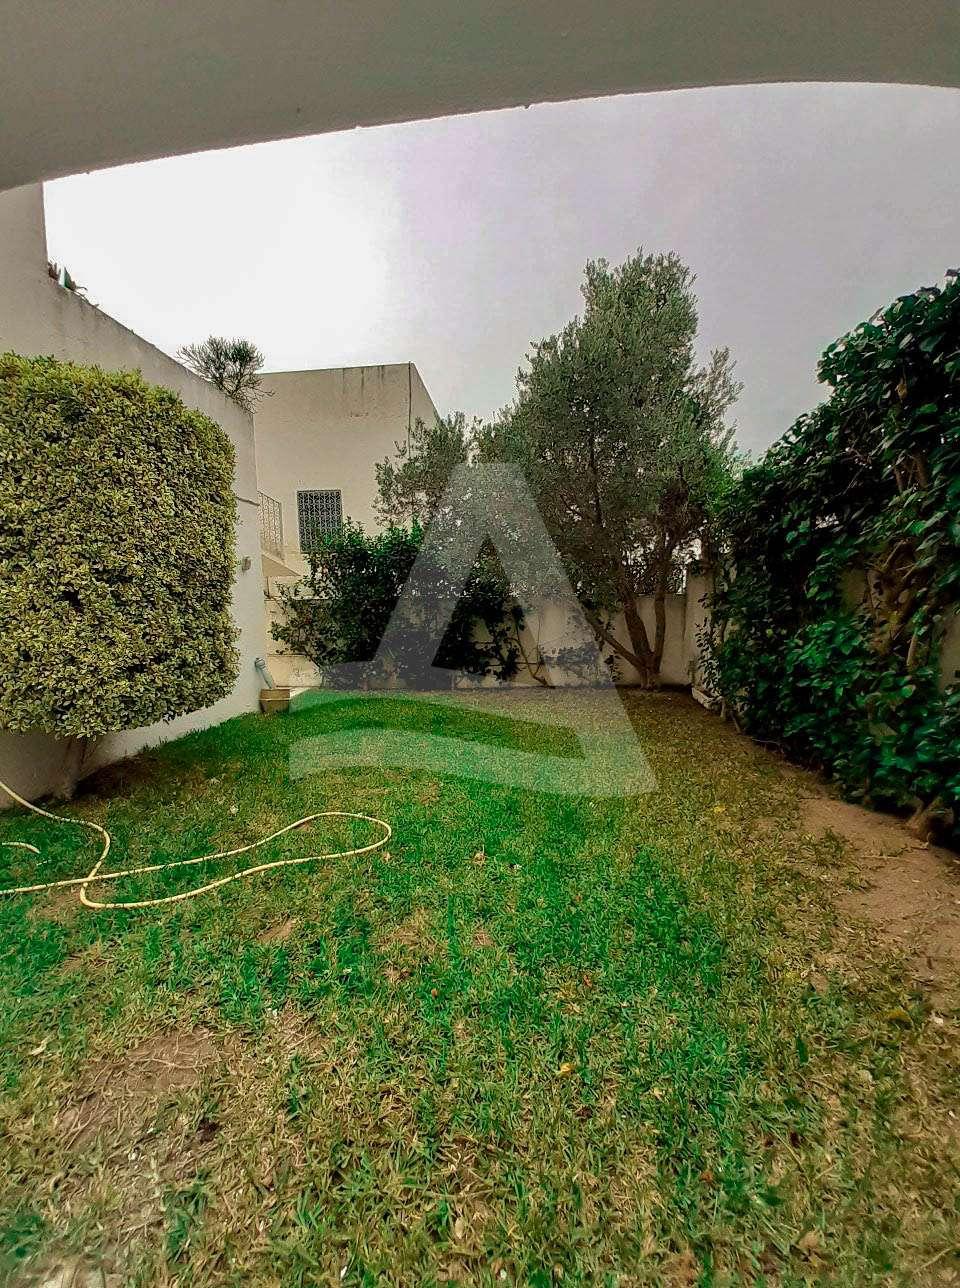 httpss3.amazonaws.comlogimoaws12087141351601915634Appartement_Gammarth_Tunisie_-9-1